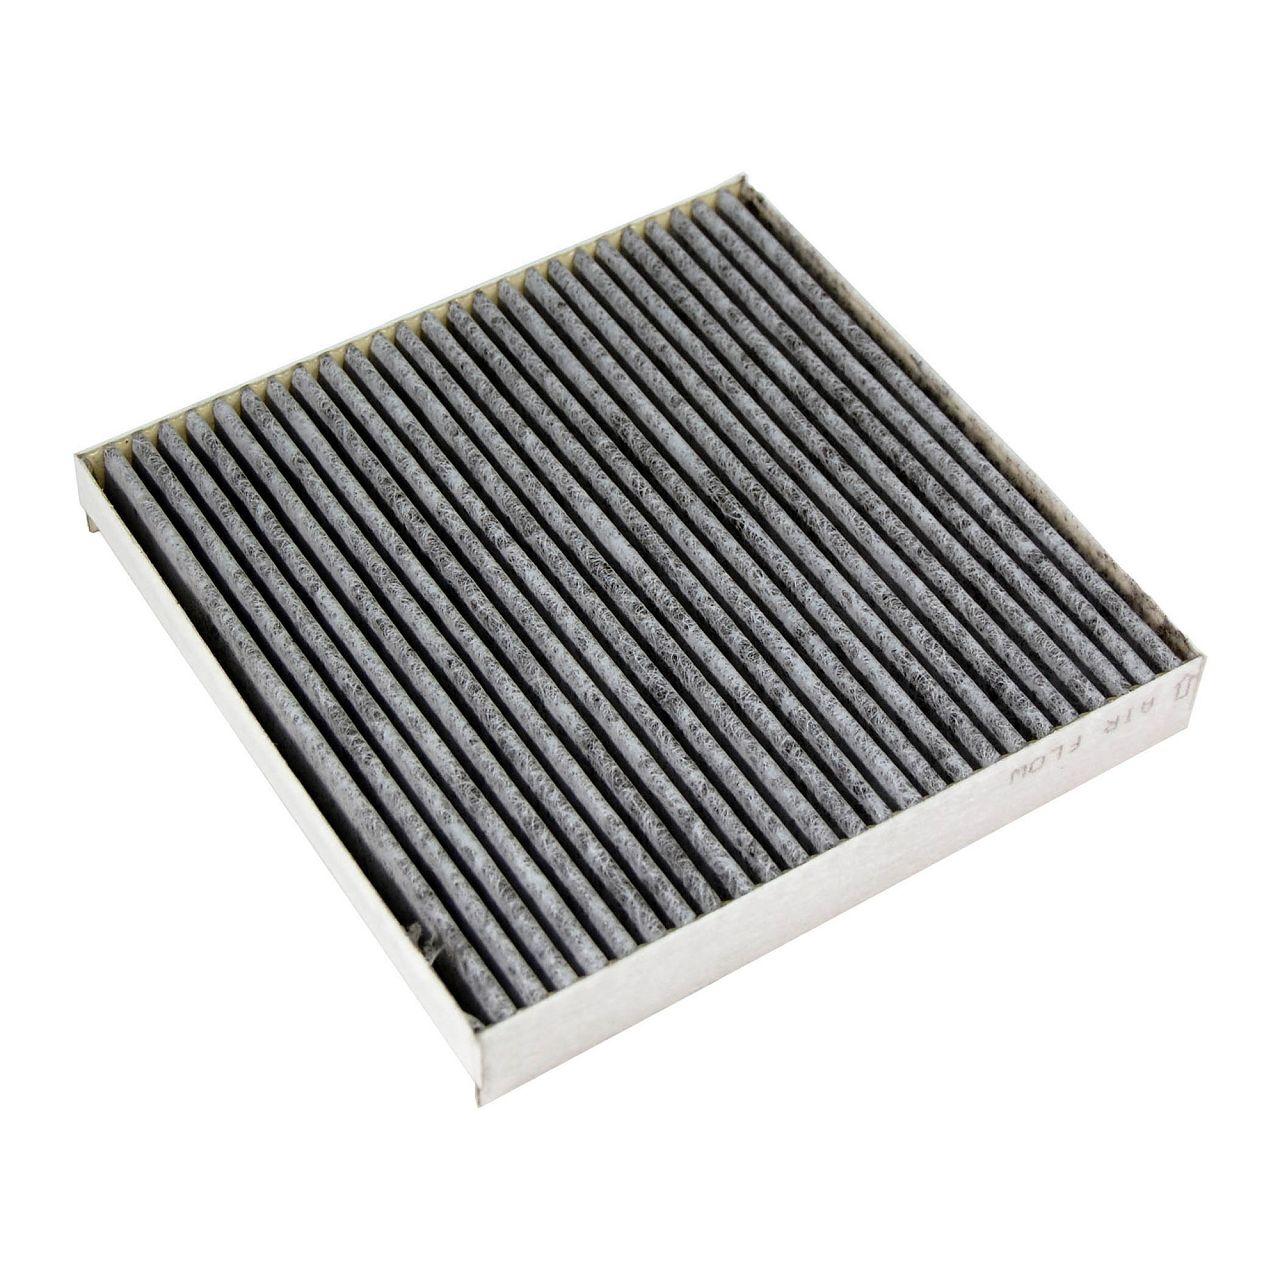 Inspektionskit Filterpaket für RENAULT LAGUNA II 1.9 dCi 110 / 120 / 130 PS